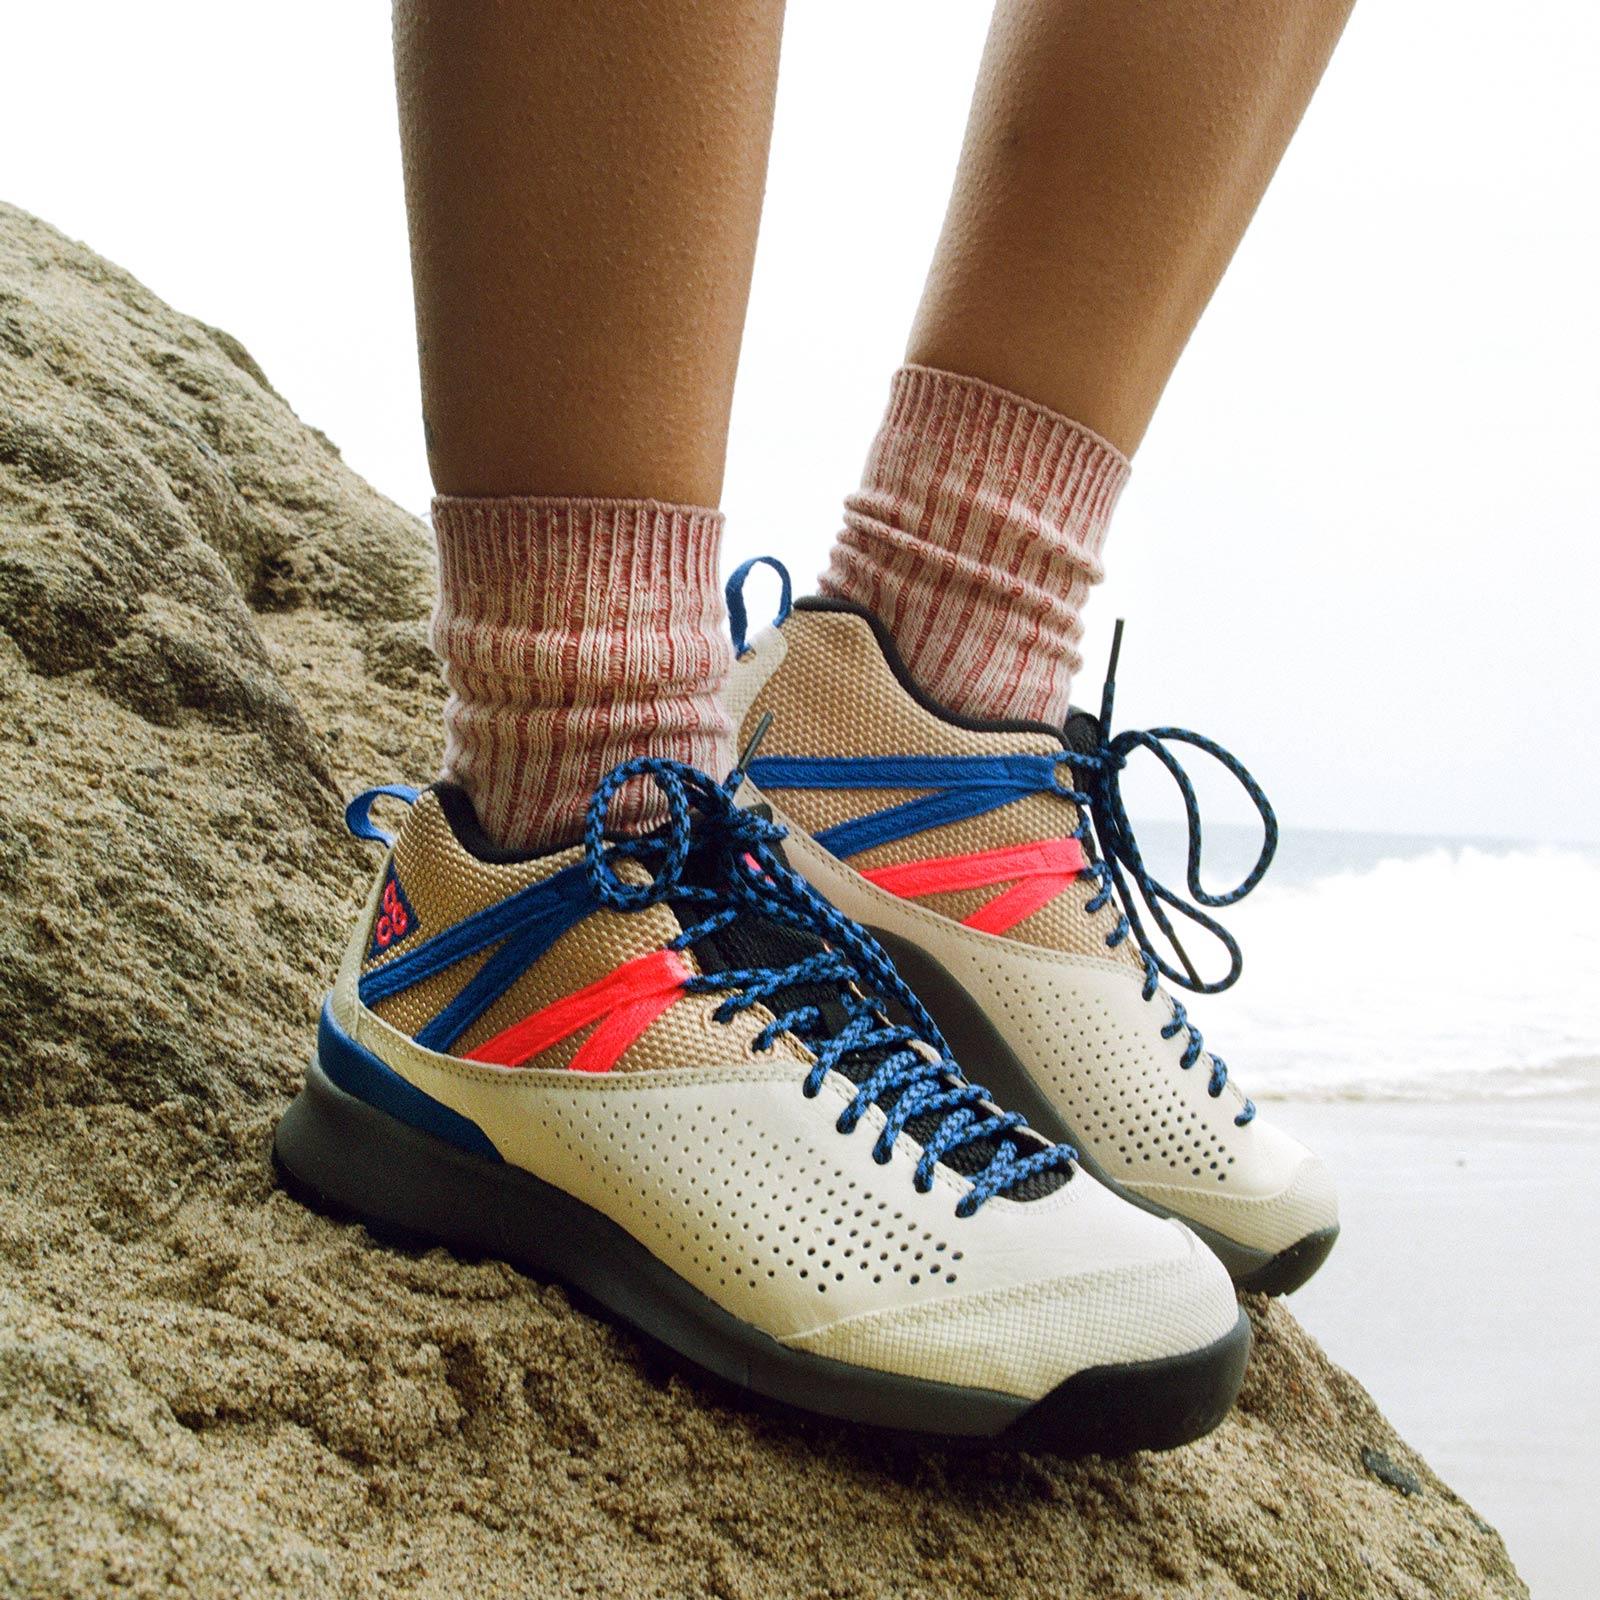 Nike Okwahn Ii 525367 100 Sneakersnstuff Sneakers